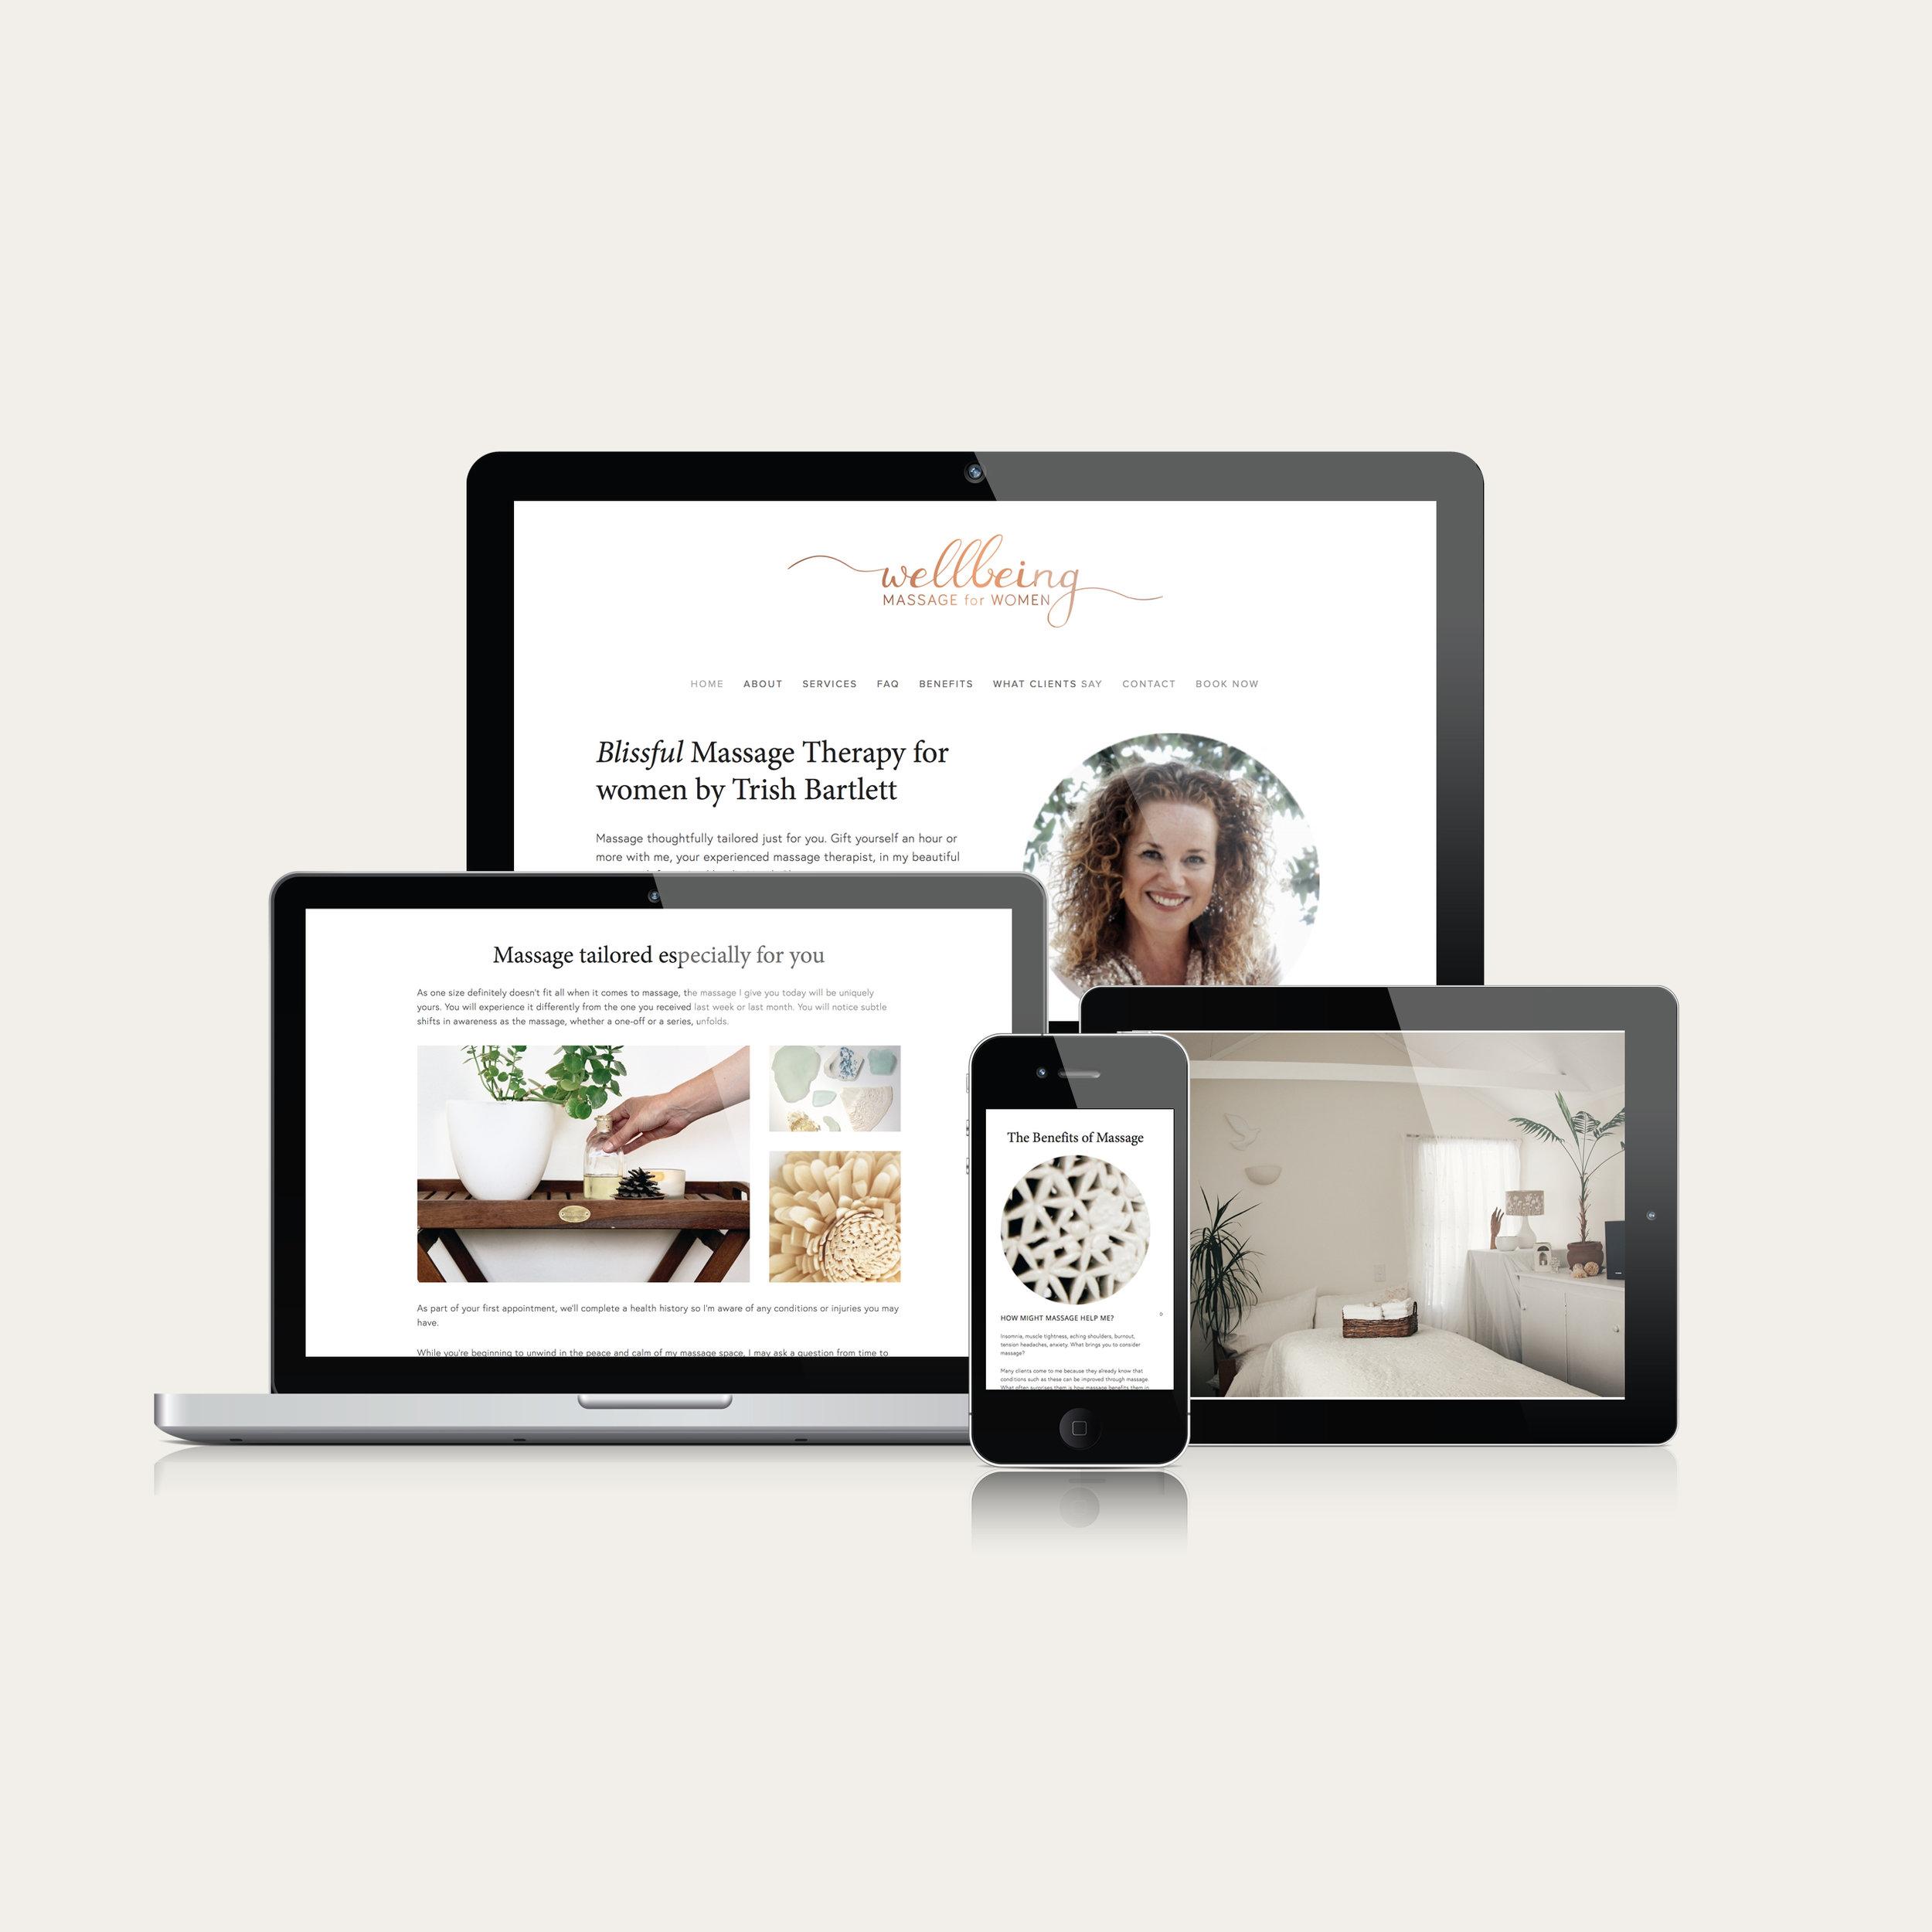 wellbeing_massage_website